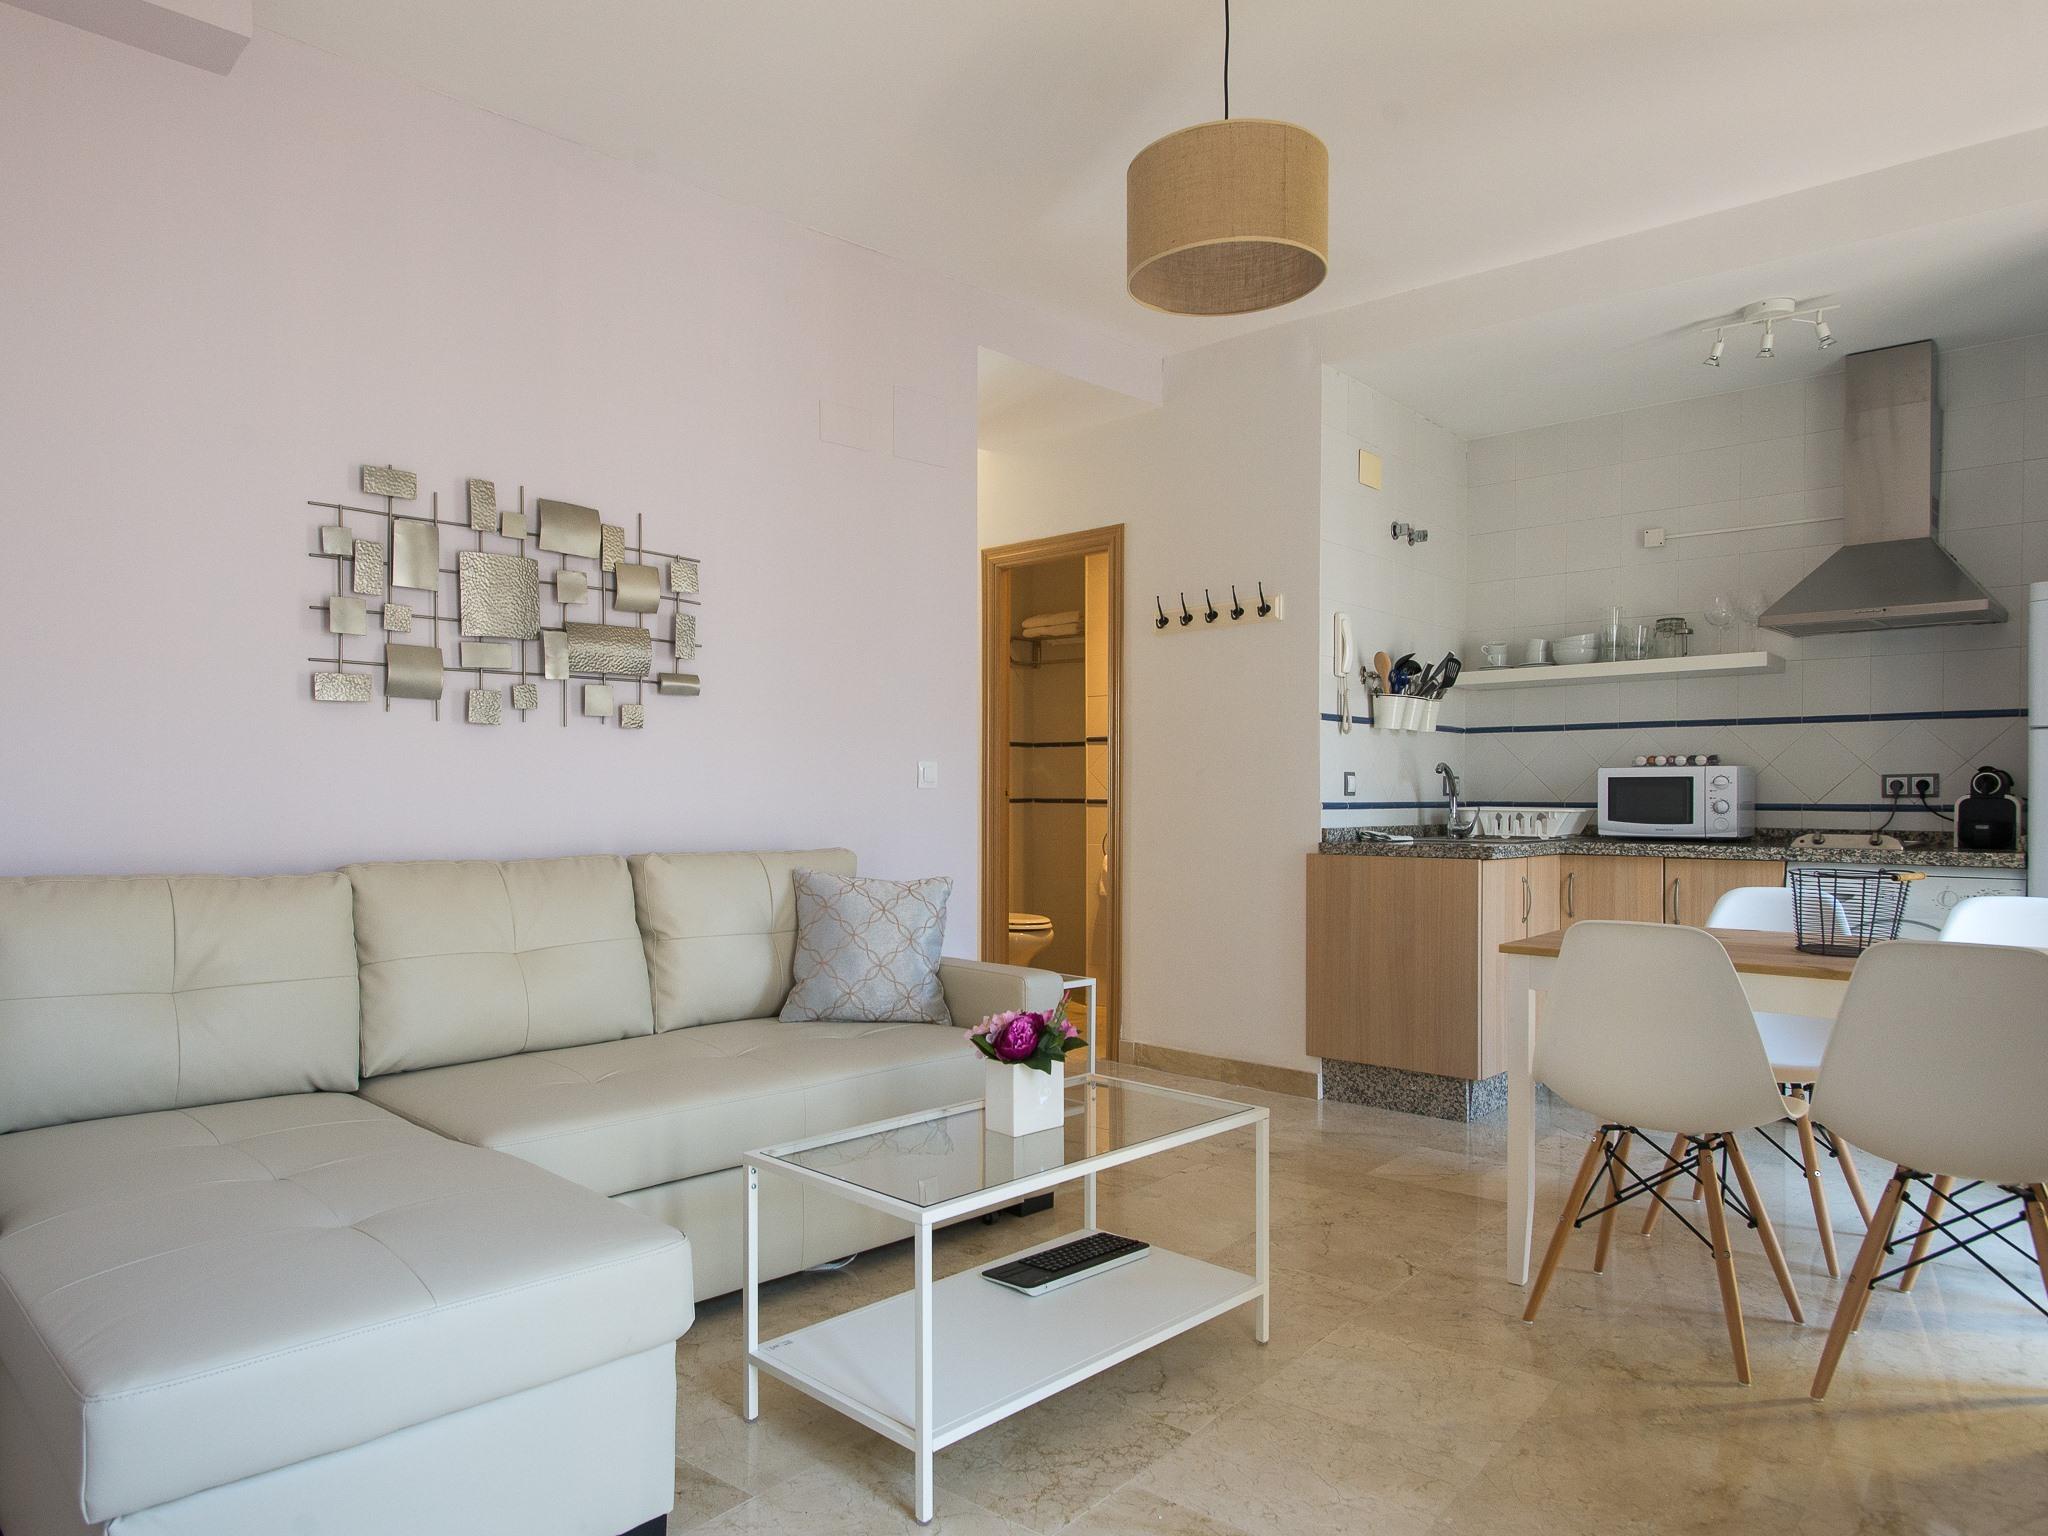 Apartamento-2A APT FELIPE 4 PAX-Clásico-Baño con ducha-Balcón - Tarifa Base